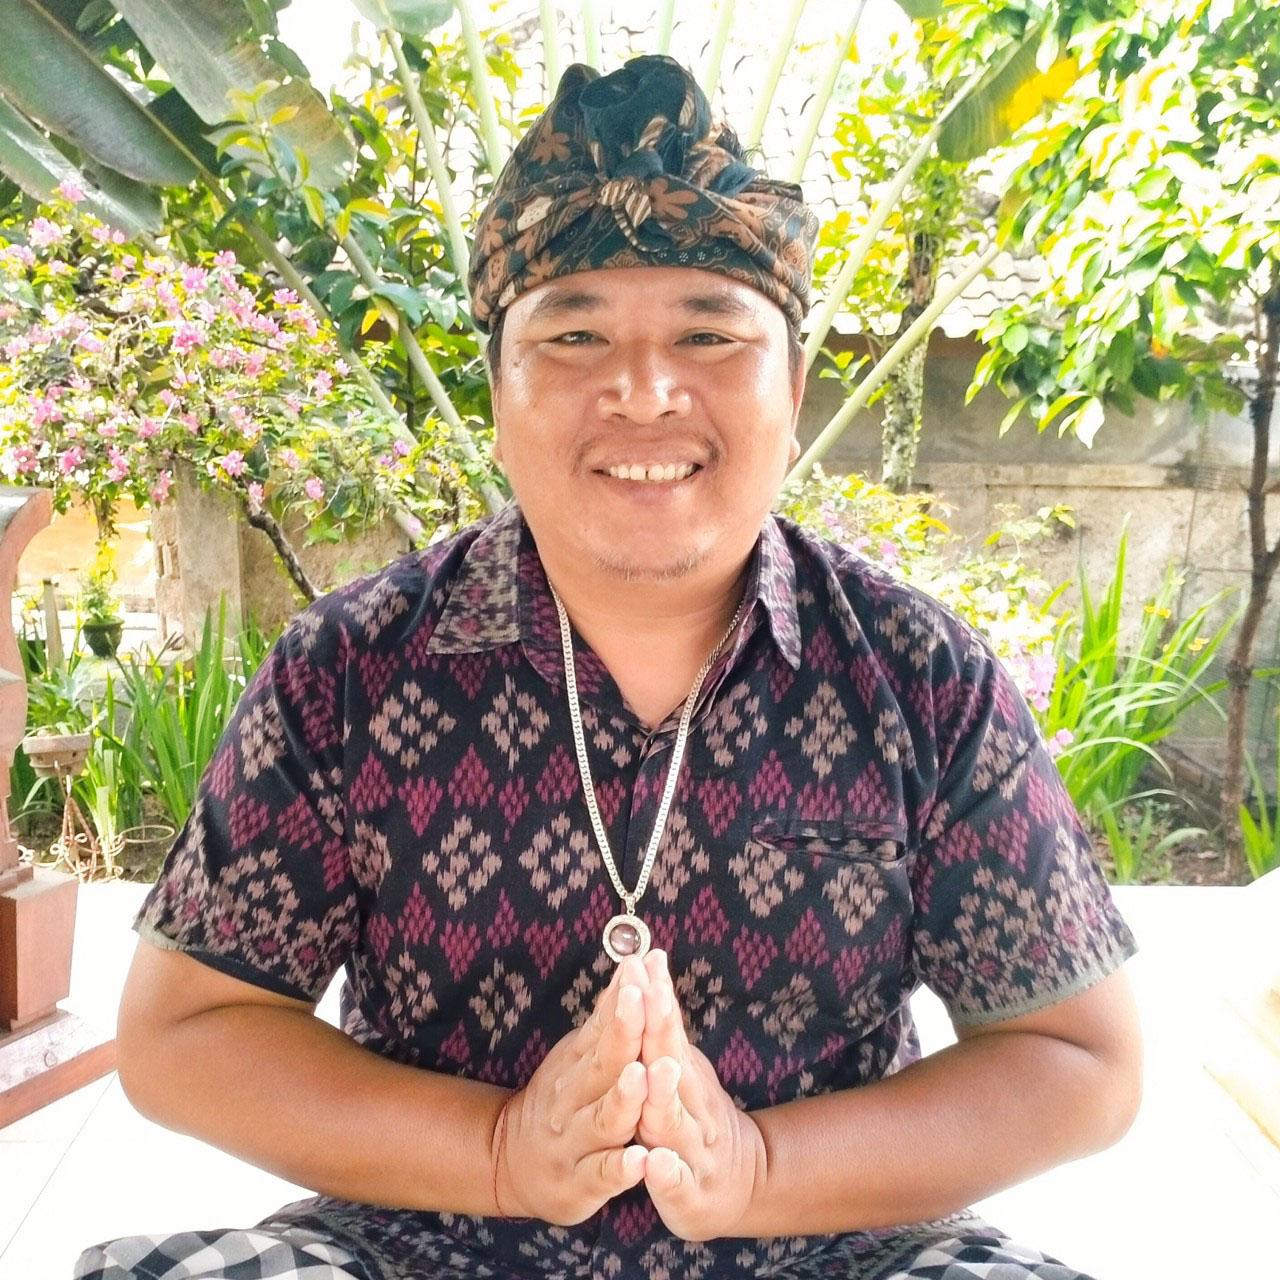 バリ島をバーチャルで観光大好きバリの拠点、バリ島マス村のユダ村長による「バリヒンドゥー暦による生年月日占い」」